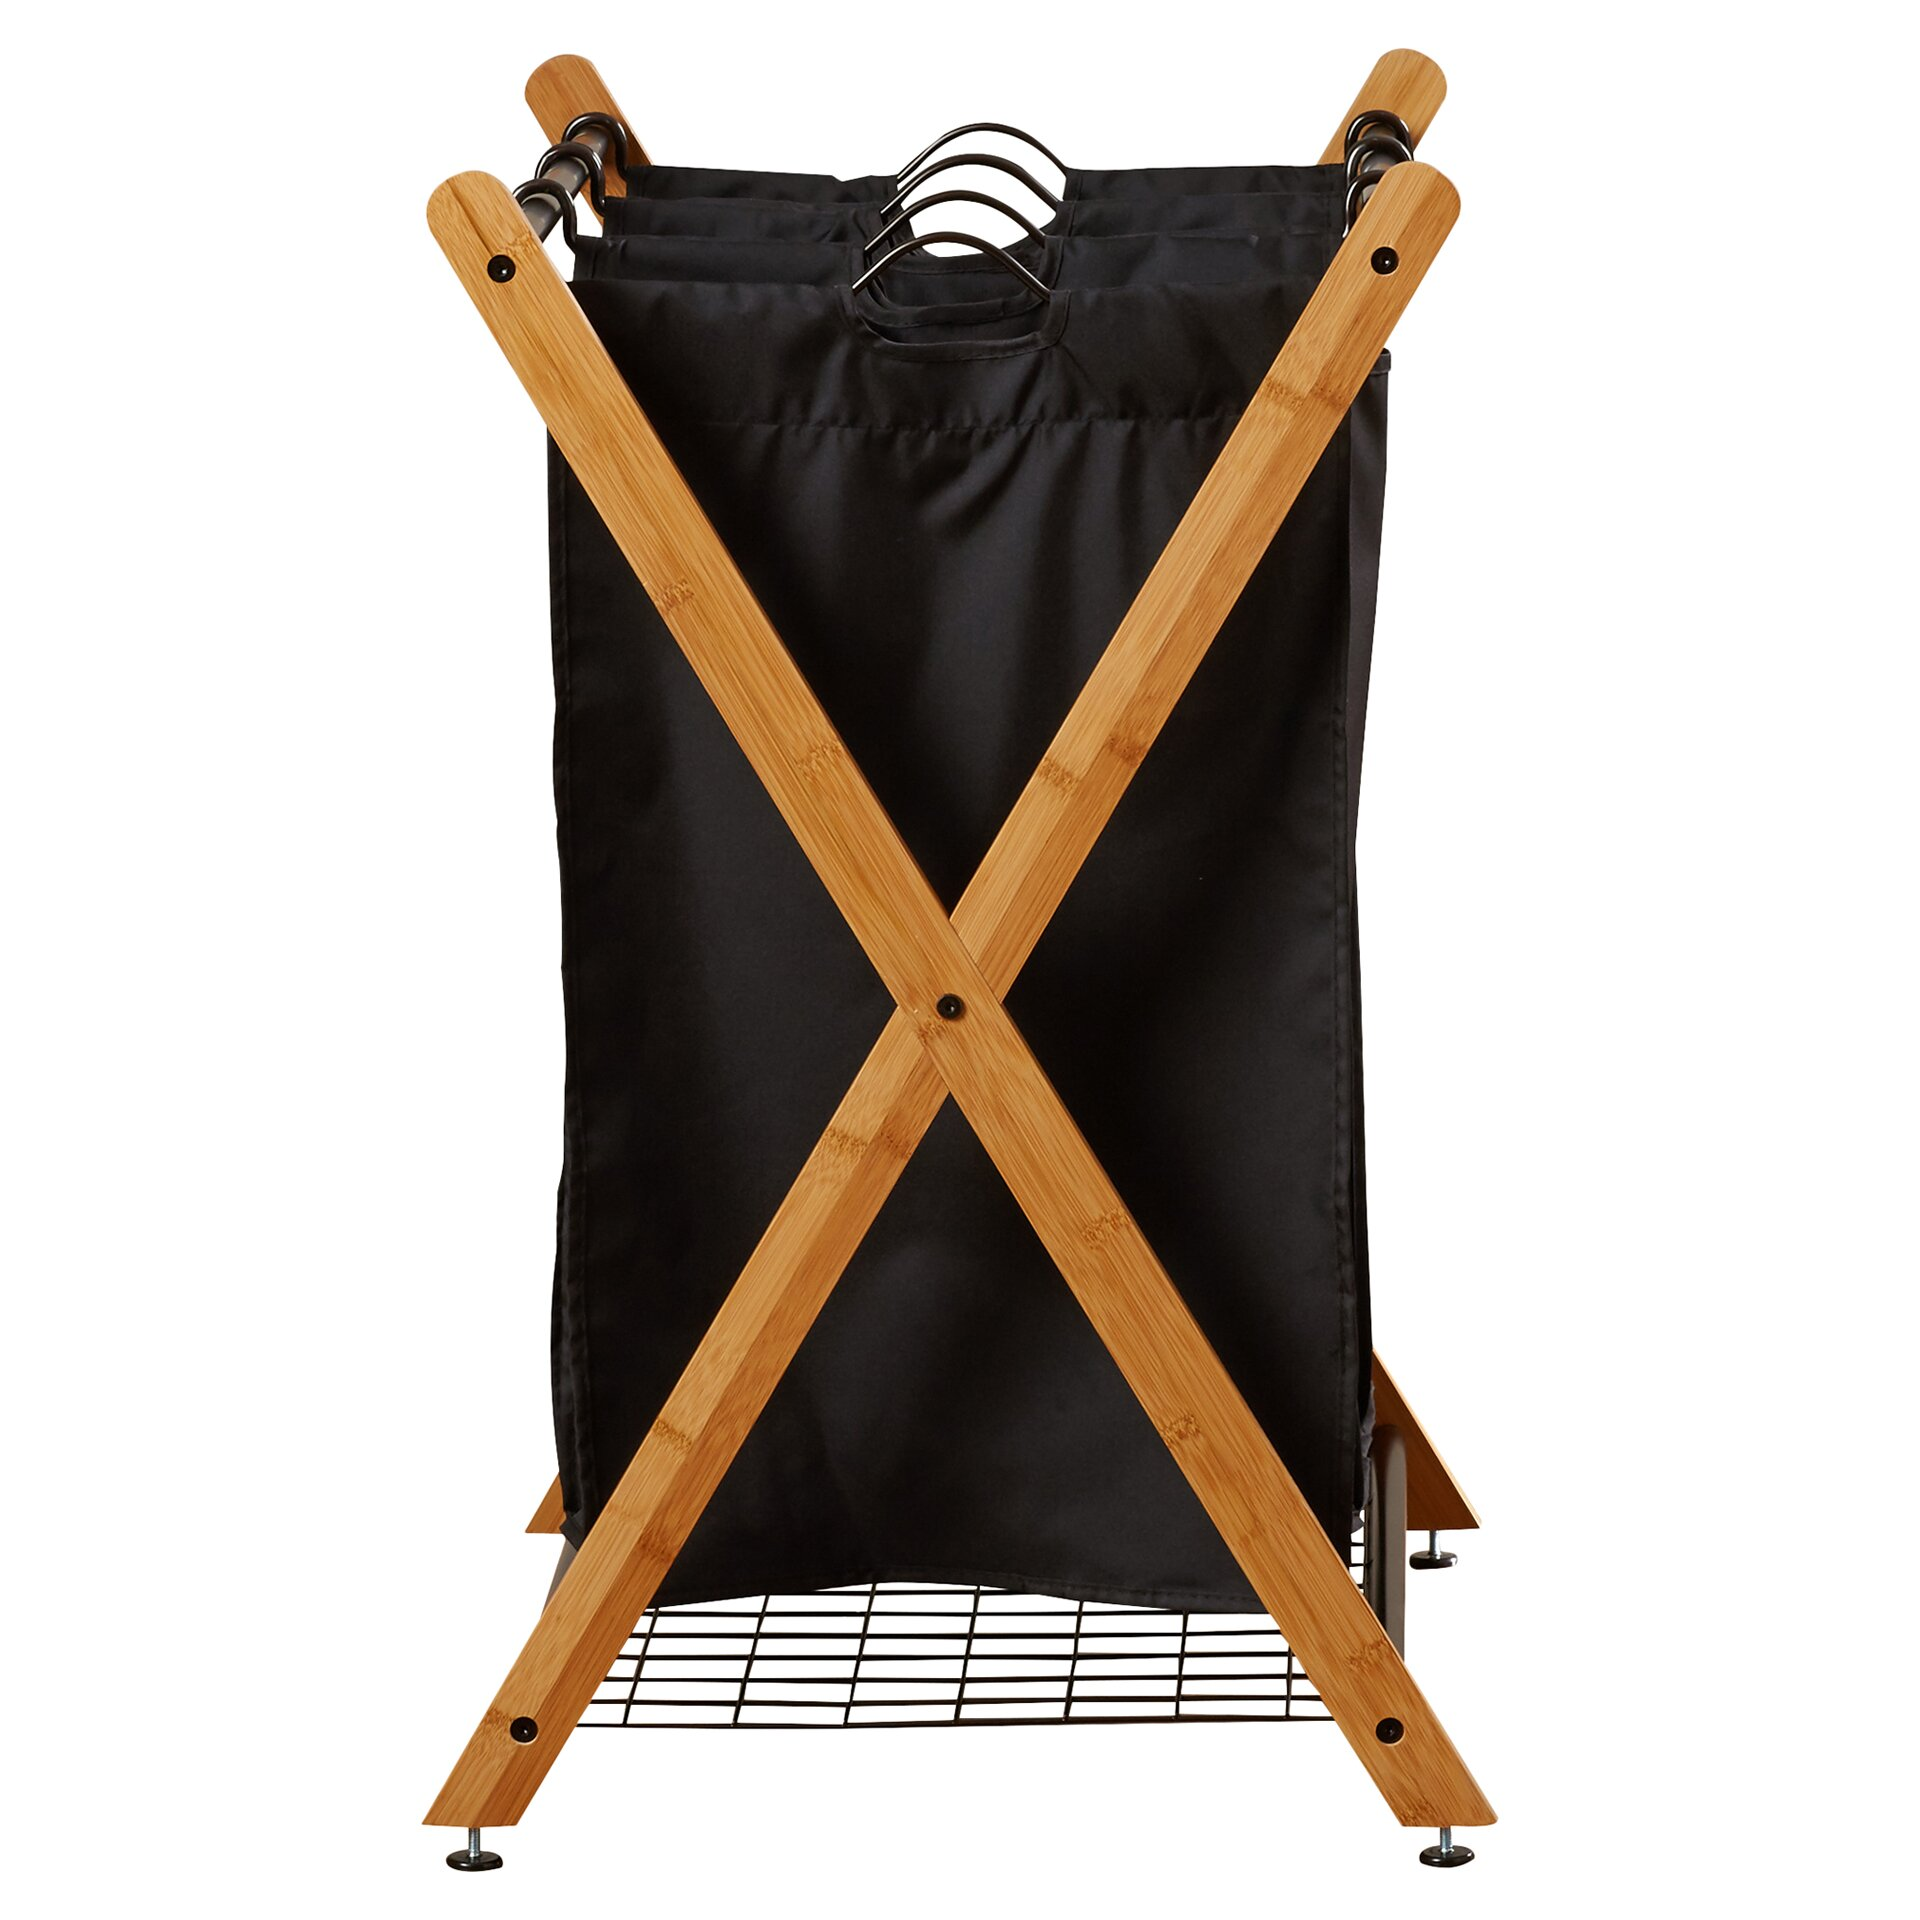 Brayden Studio 3 Bag Laundry Sorter Amp Reviews Wayfair